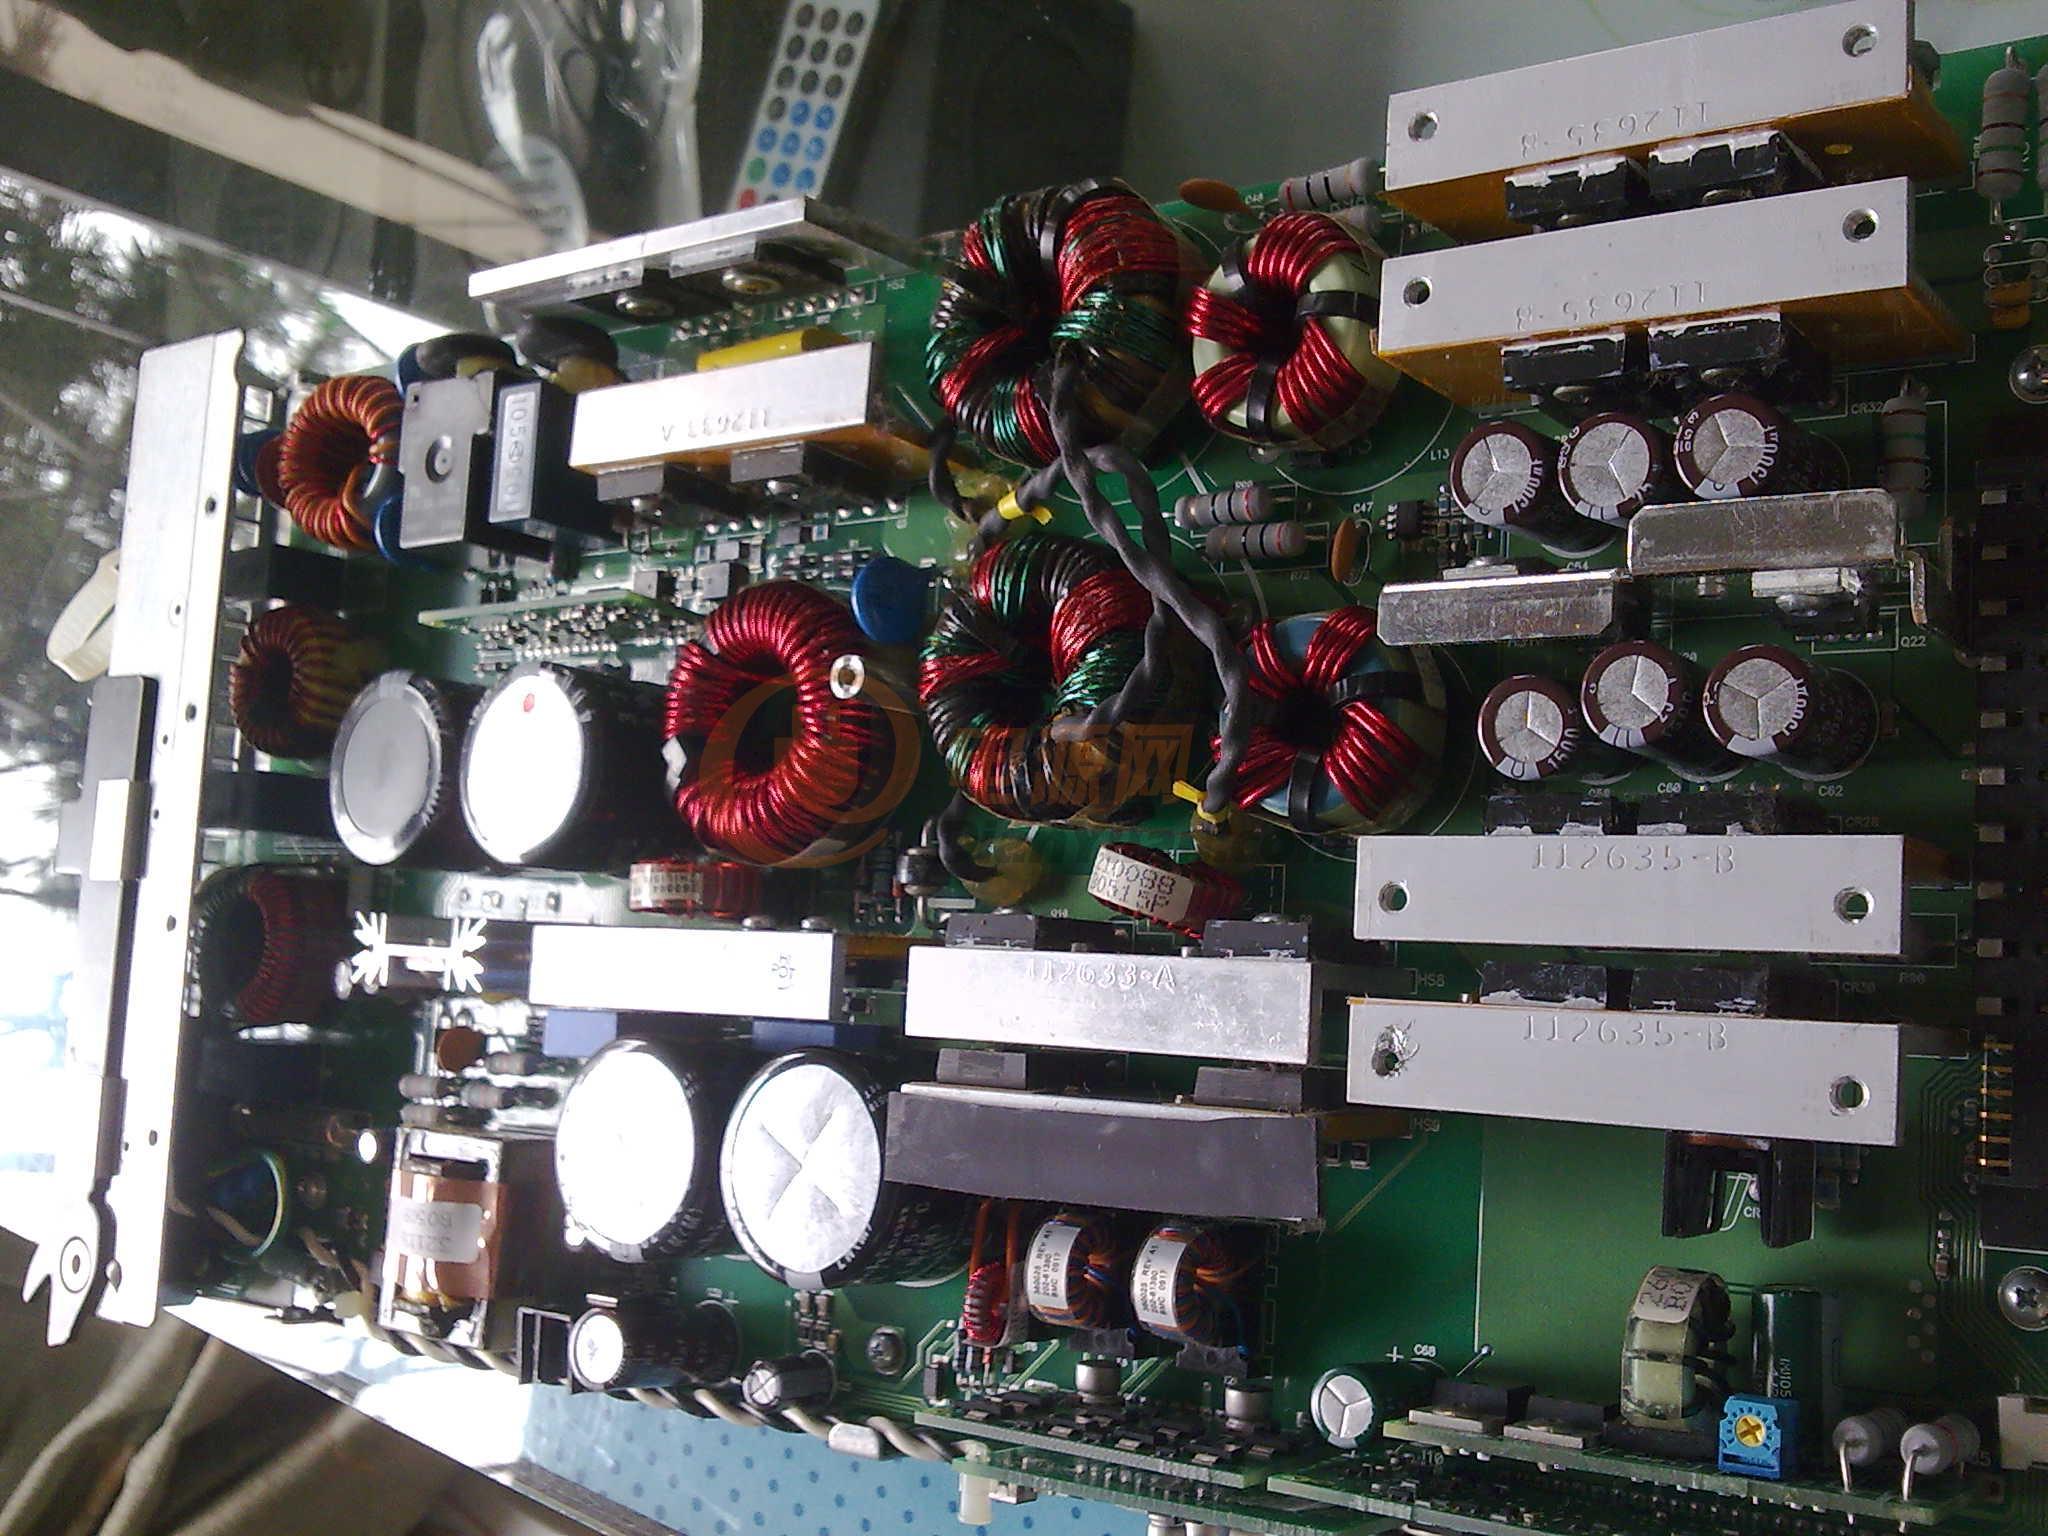 此电源前级整流用了两个整流桥并联,由L4981AD+一个大磁环+三个STW14NK50D+3个松下1个化工大电容做功率因数校正。UCC3895DW+两个环型主变压器+8个STW14NK50D做移相全桥,输出也用了8个超大整流管,6个化工1500/25V电容。